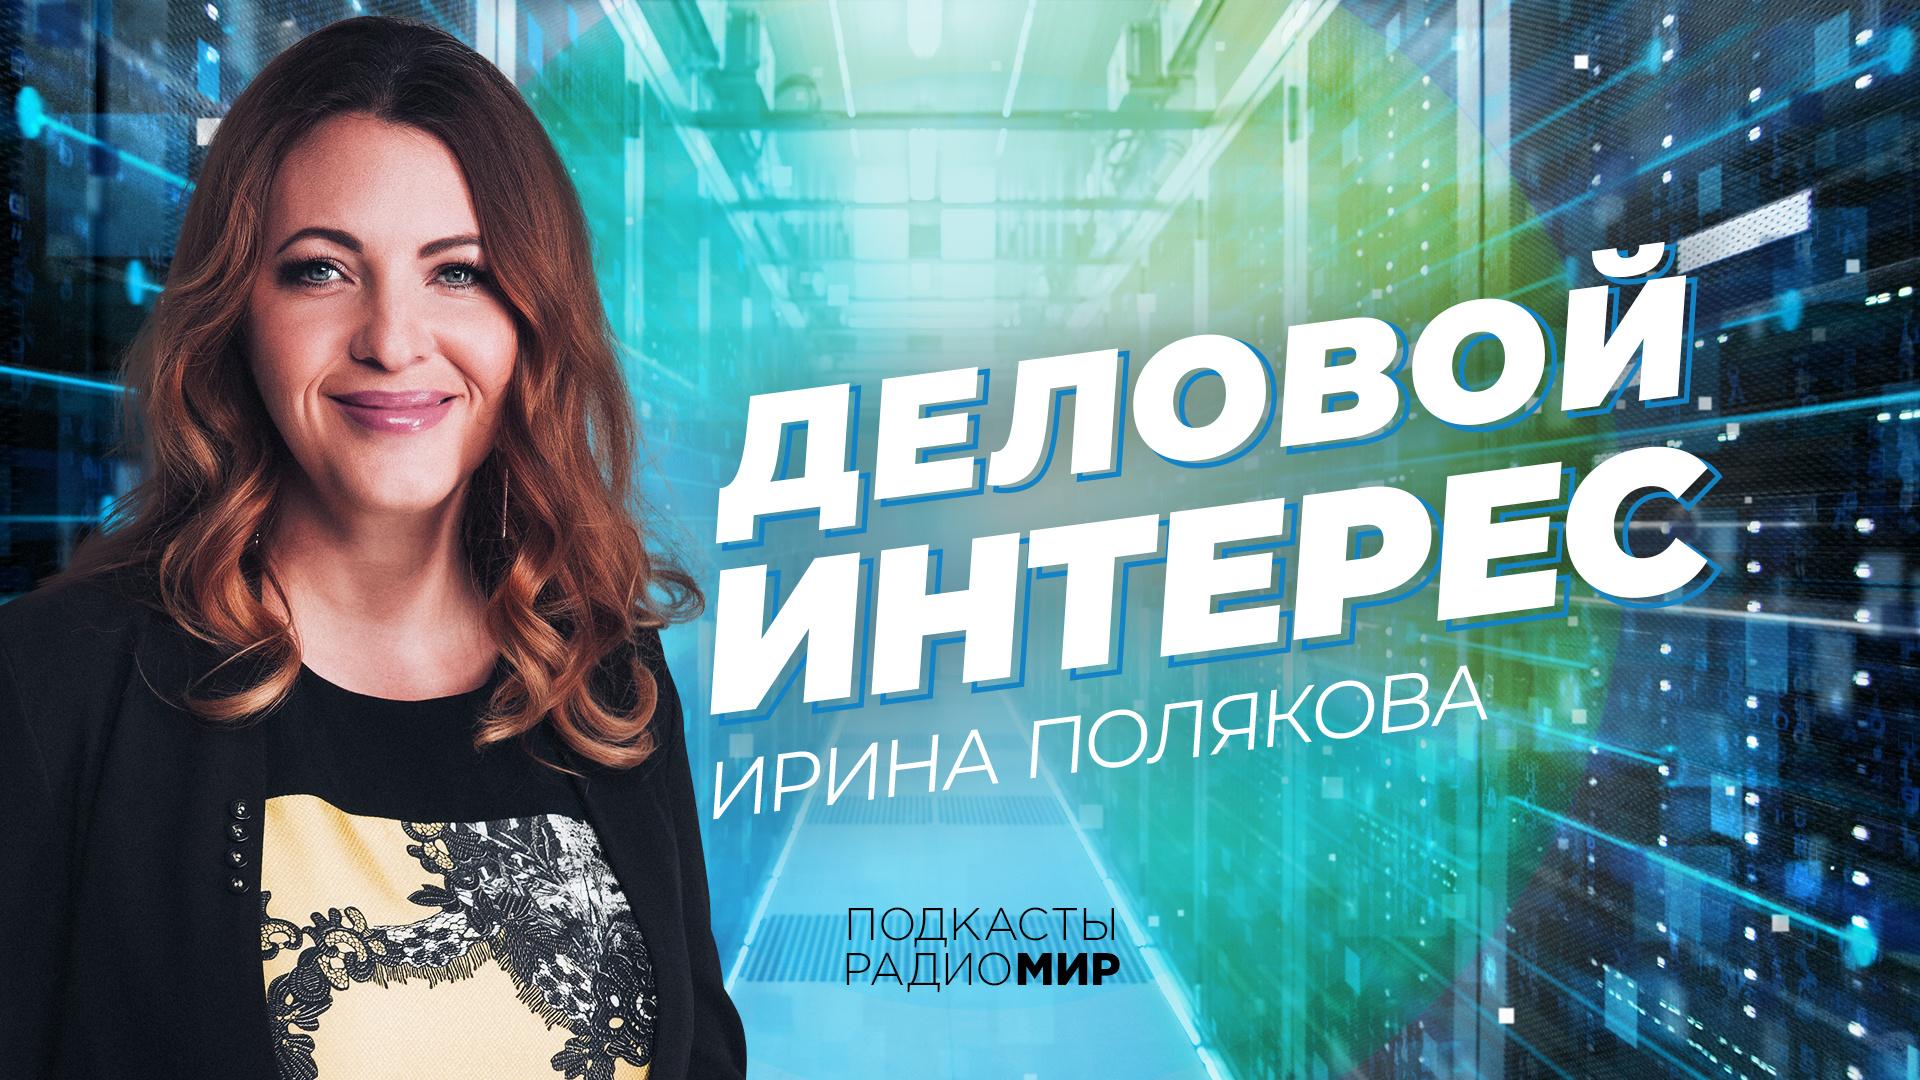 Ирина Полякова: «Сегодняшние покупатели – люди продвинутые»